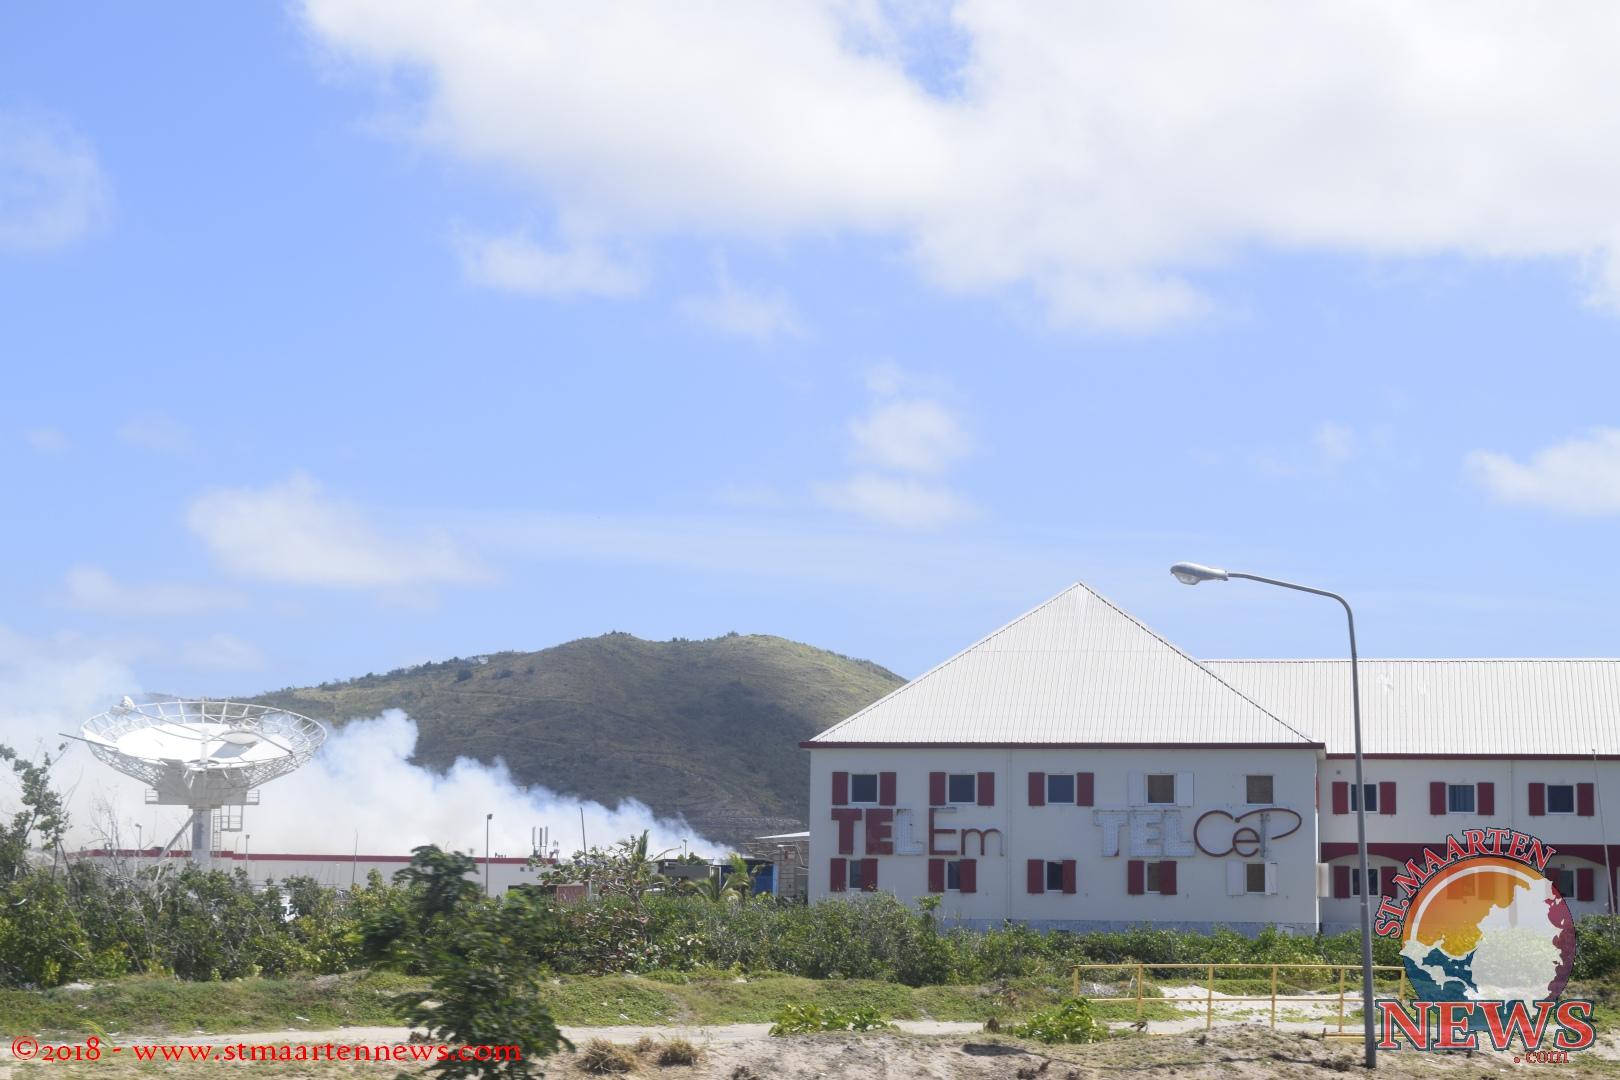 2018-05-13_Dump Fire-001